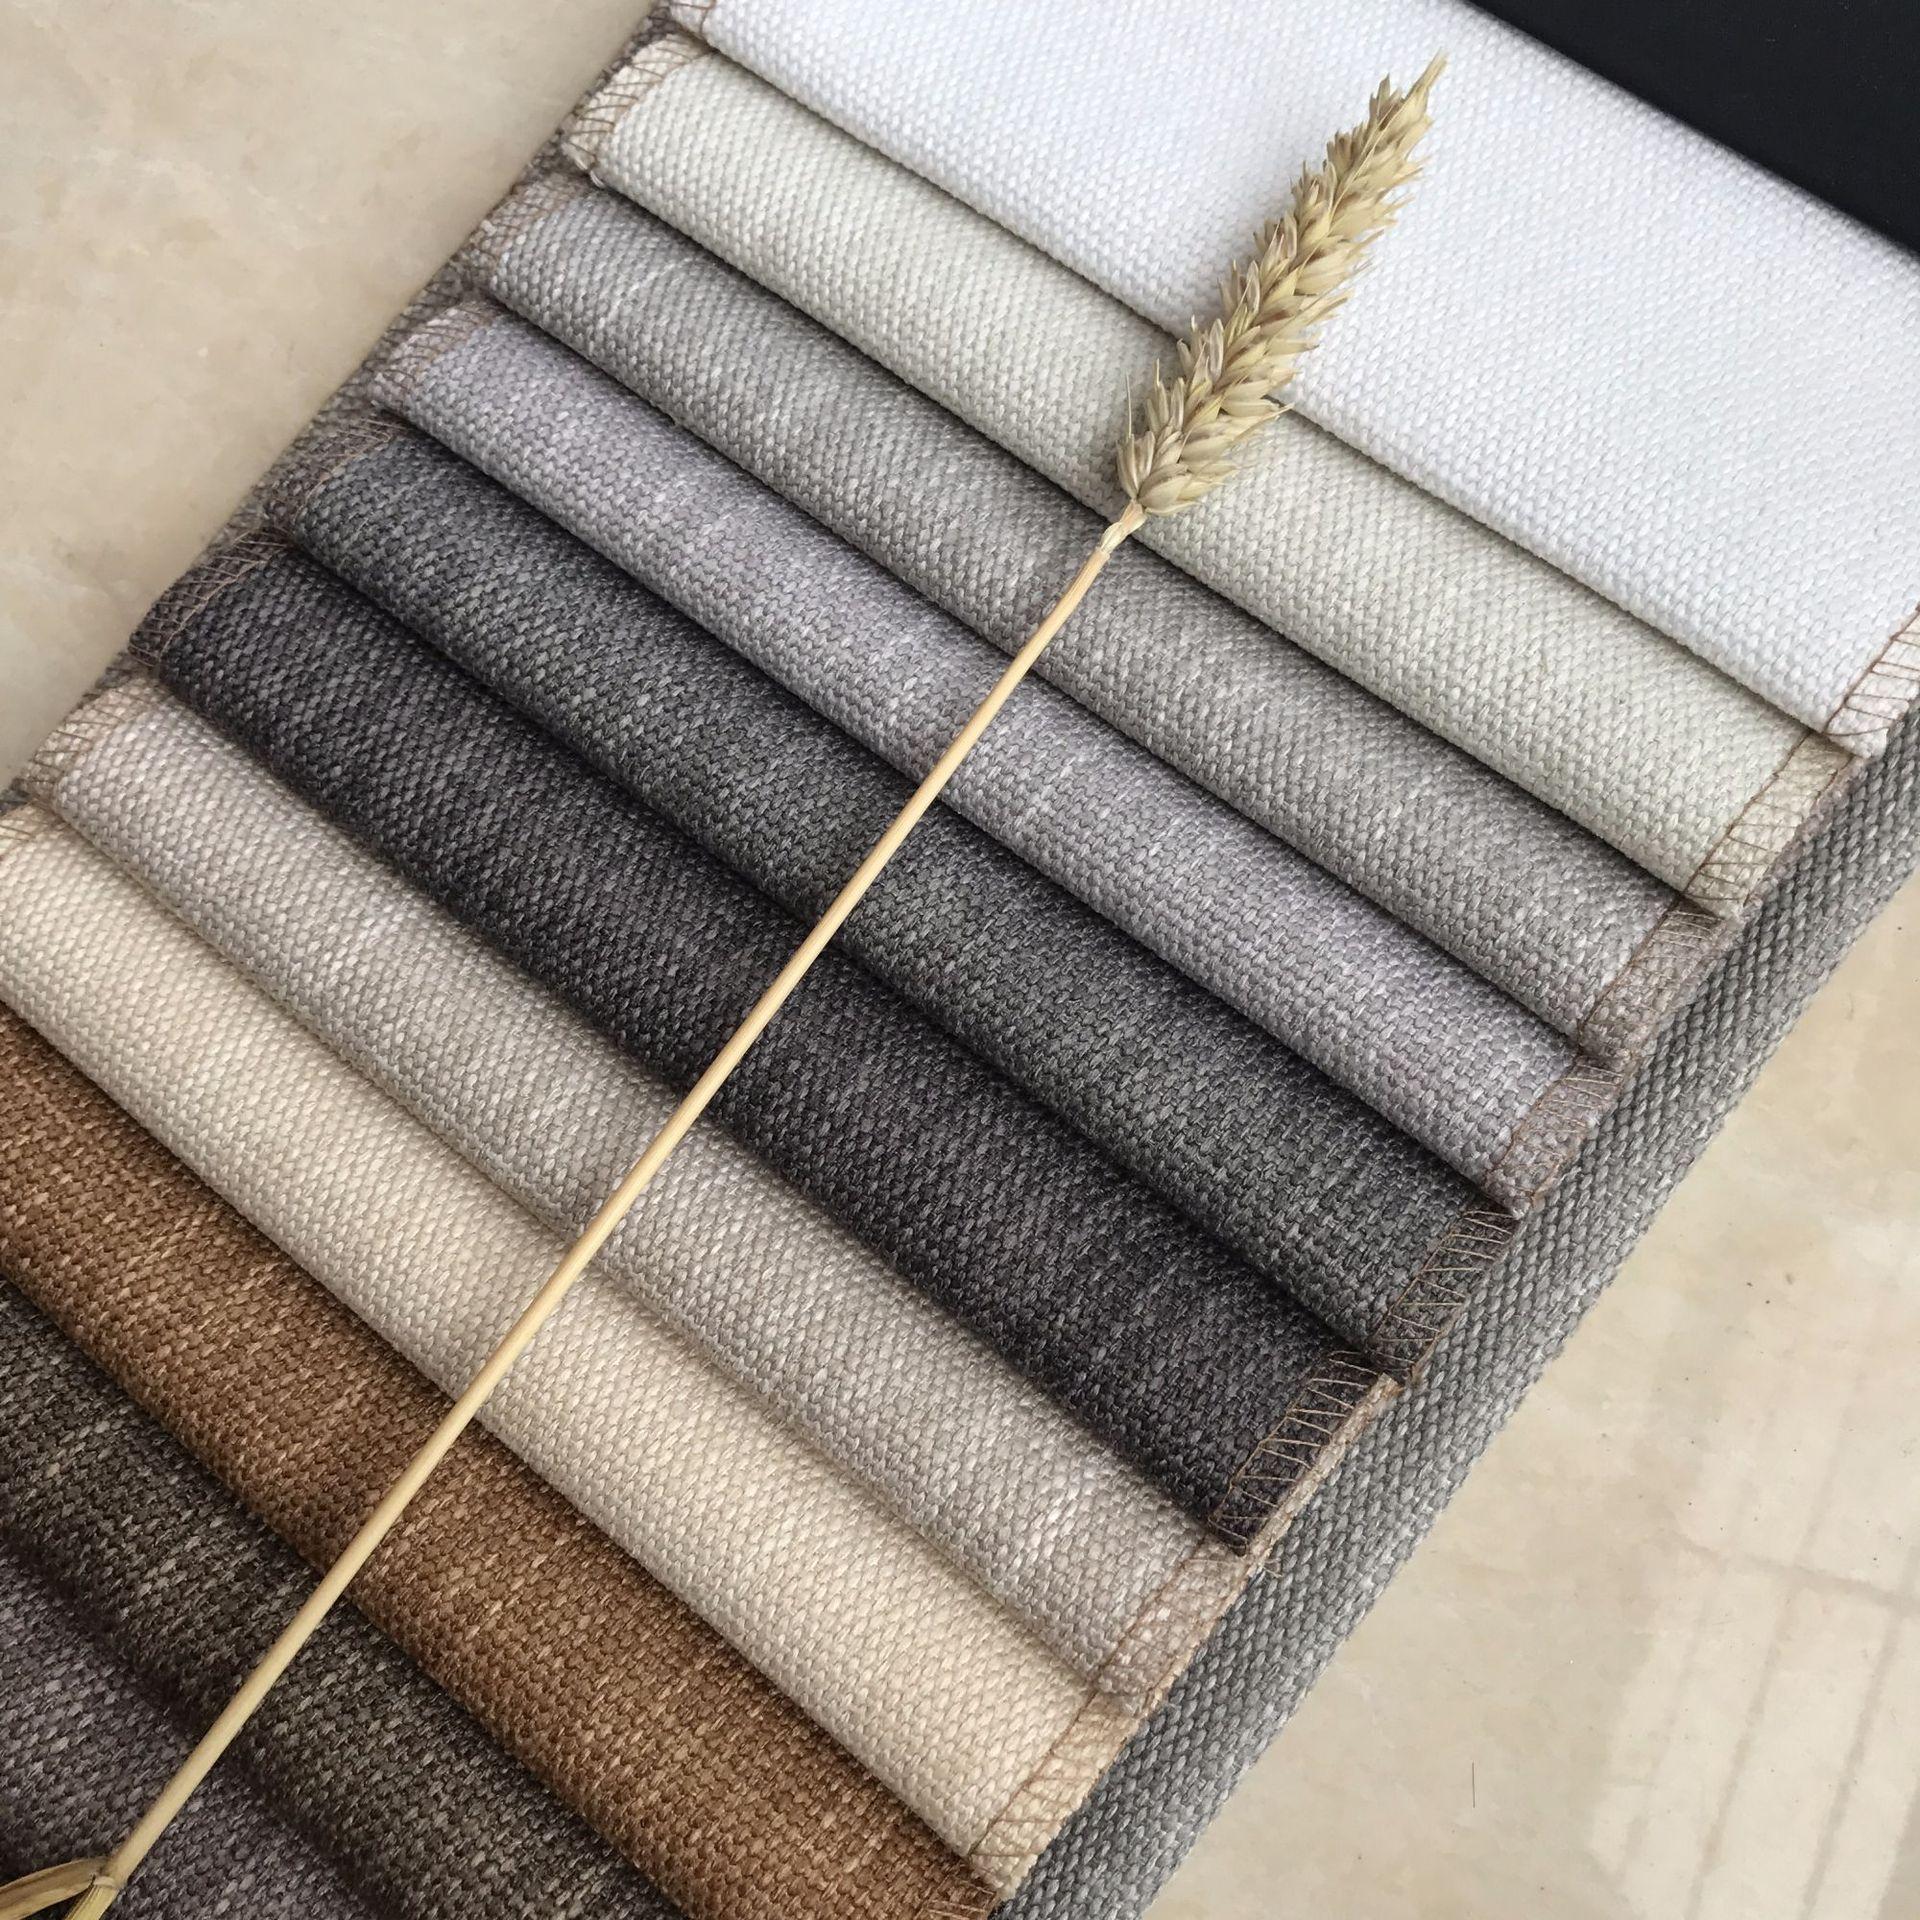 加厚粗麻沙发布料仿麻纯色麻布面料粗亚麻布涤纶布厂家直销